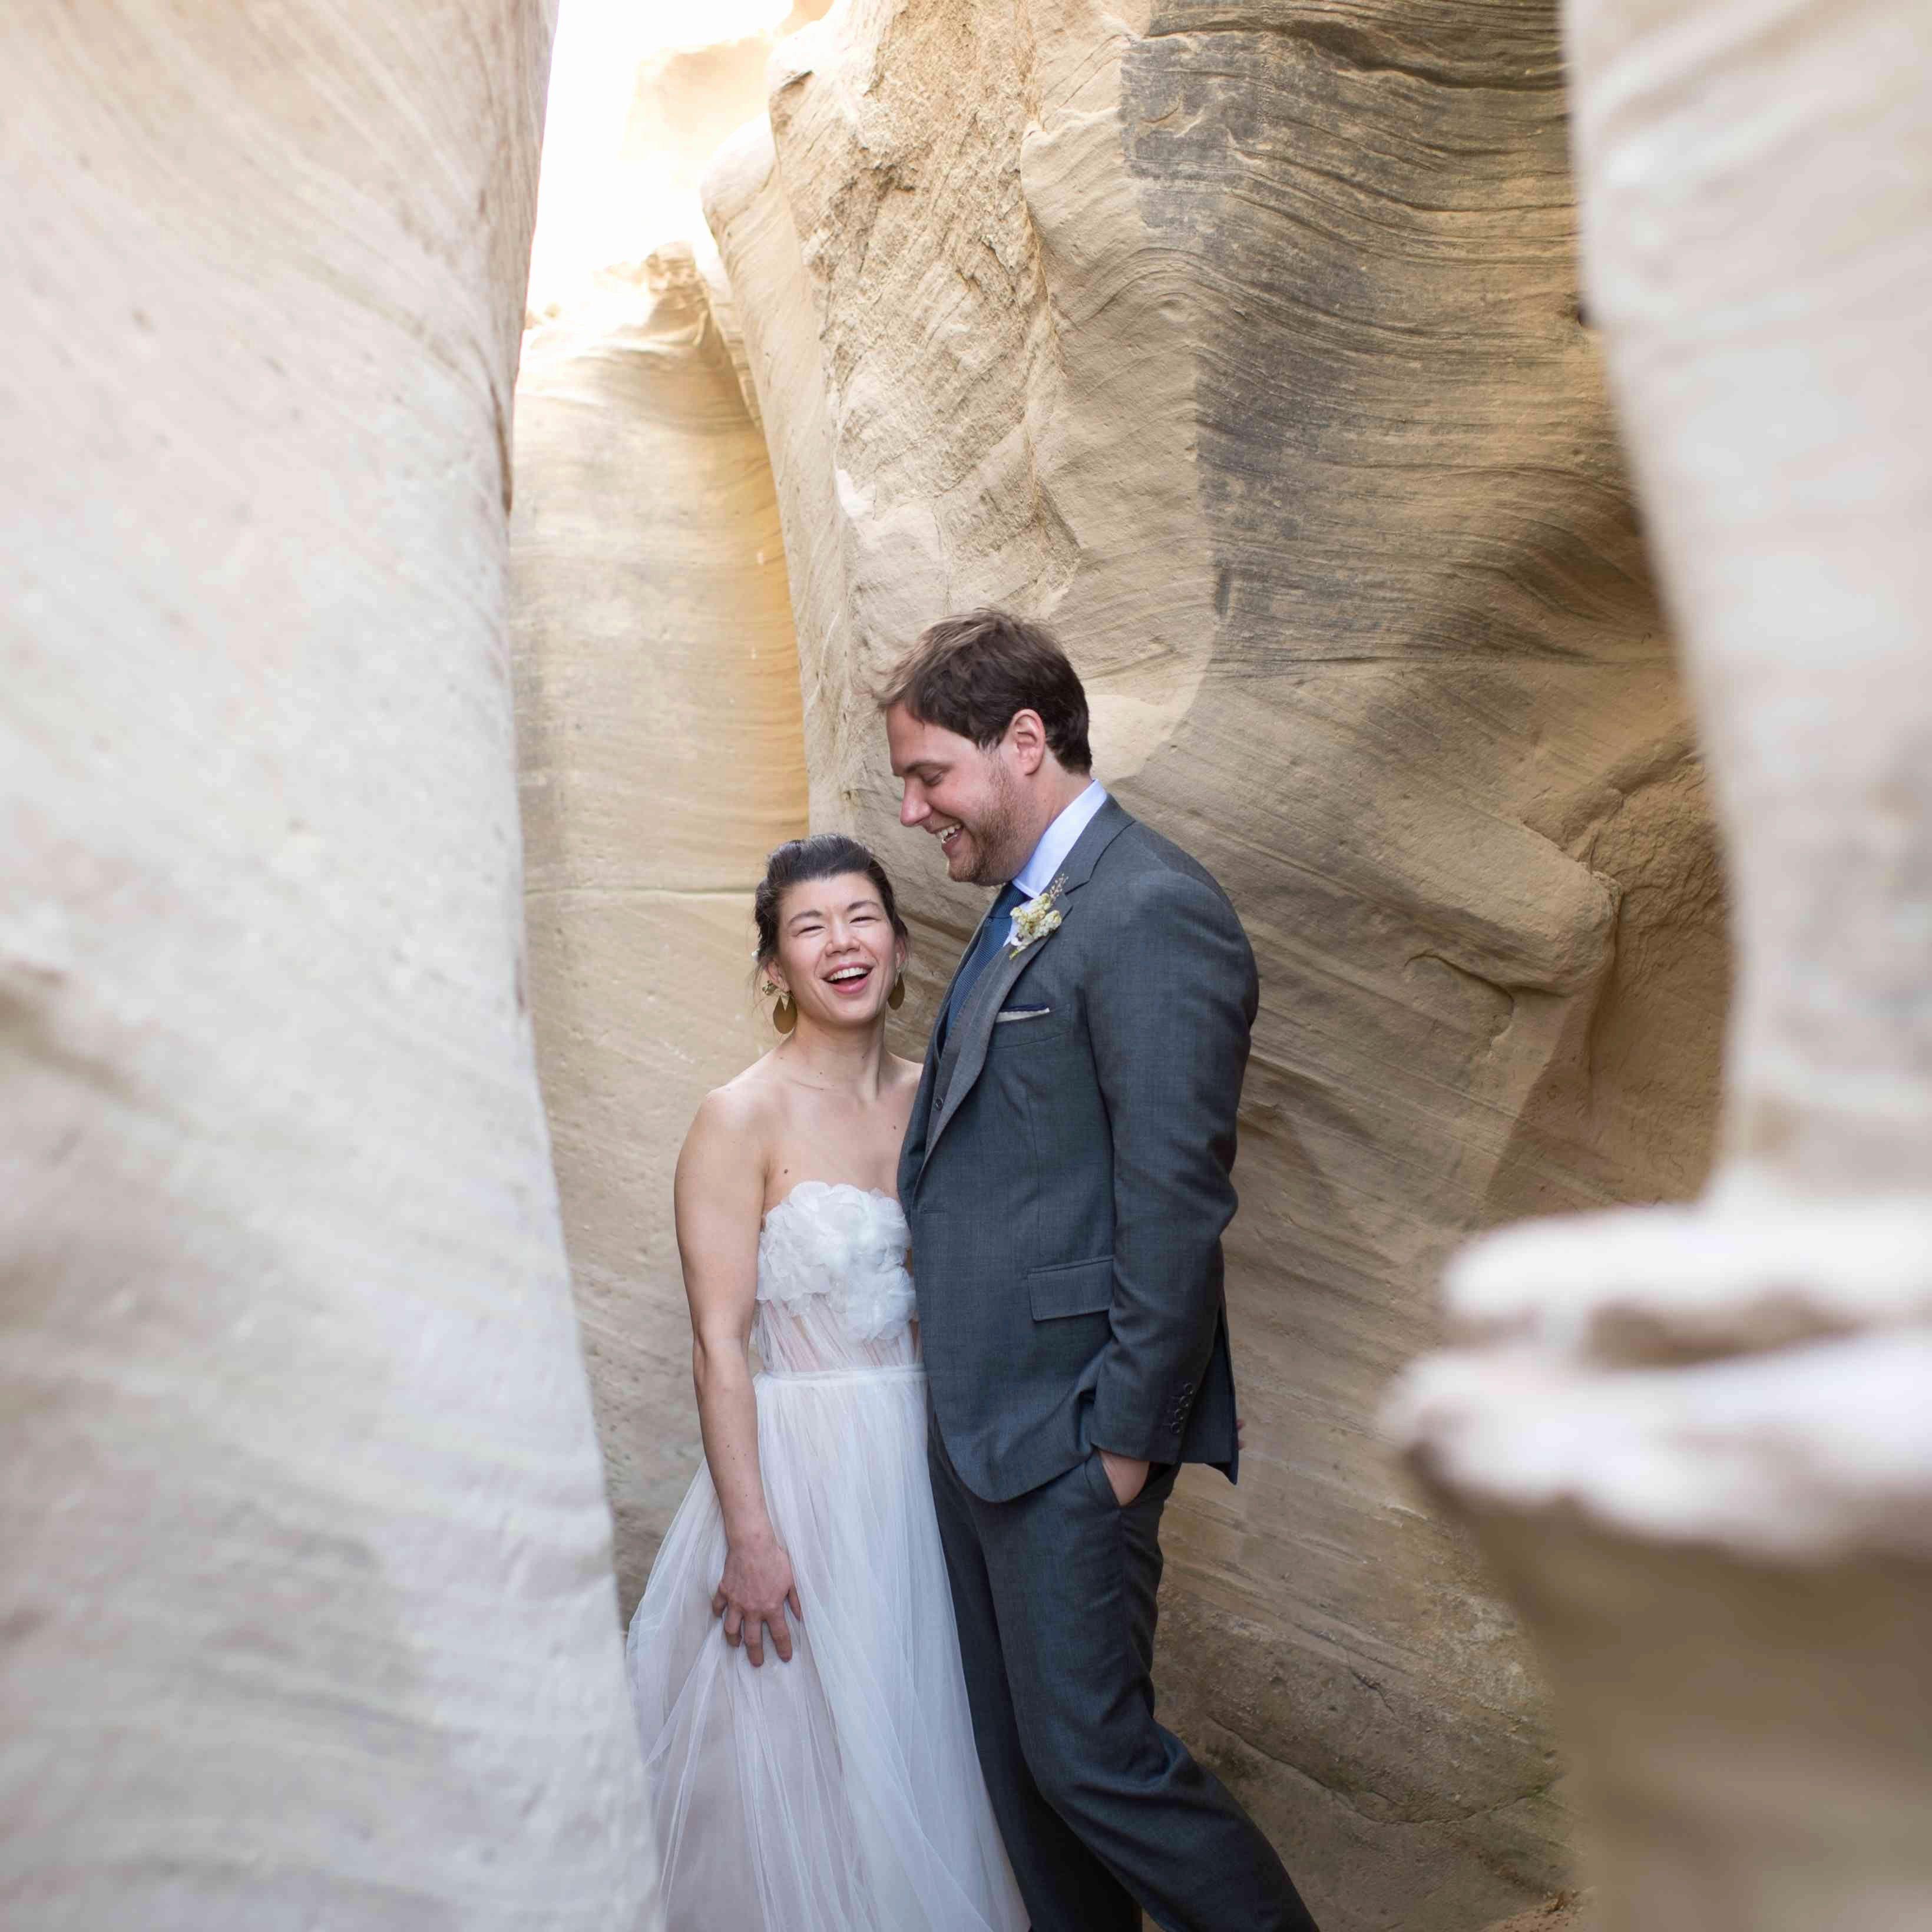 Wedding Dress Rental Las Vegas Awesome An Intimate Desert Wedding At Amangiri In Utah In 2020 Rental Wedding Dresses Vegas Wedding Dress Las Vegas Wedding Dress Rental